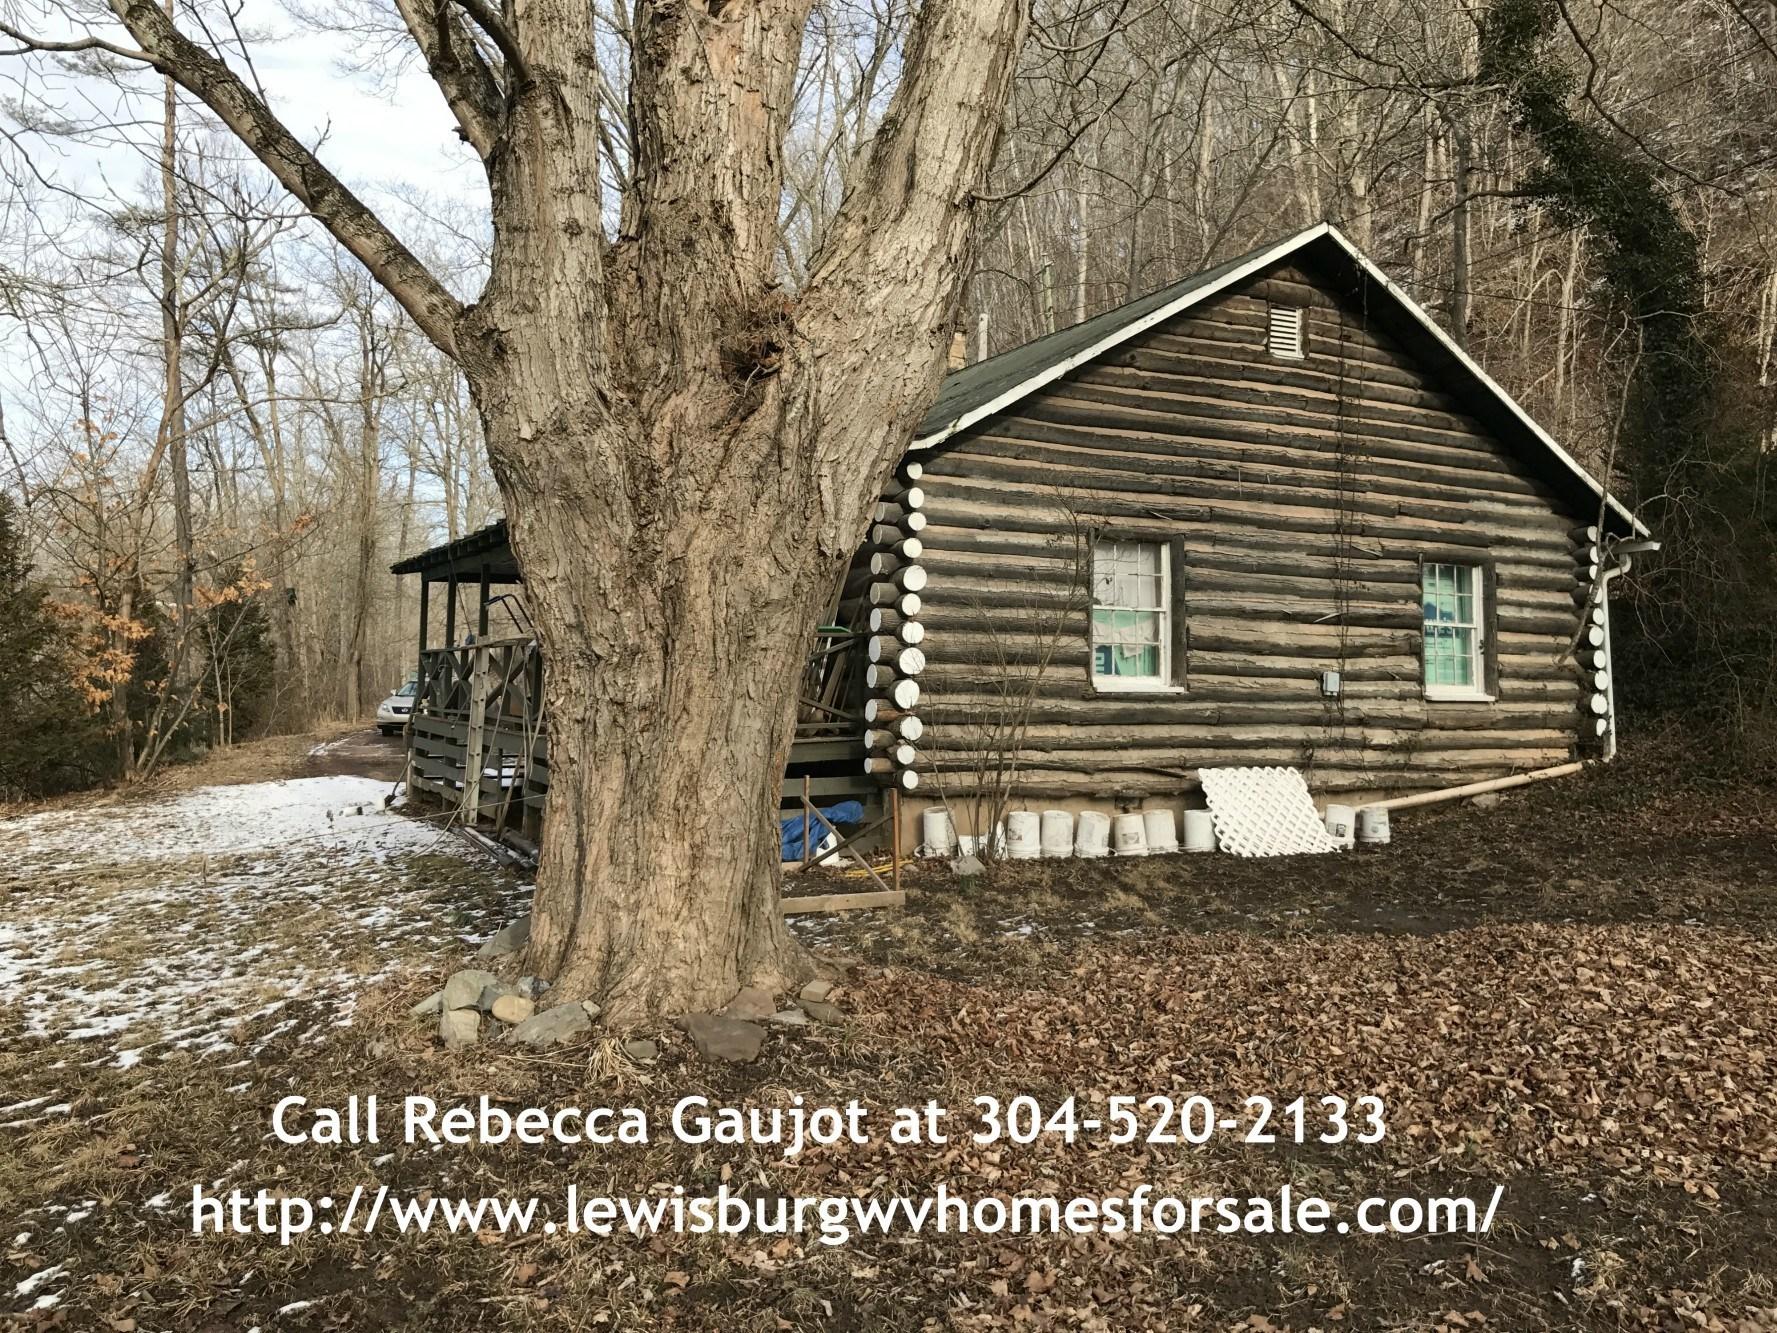 Log Cabins For Sale In Lewisburg Wv Lewisburg Wv Homes